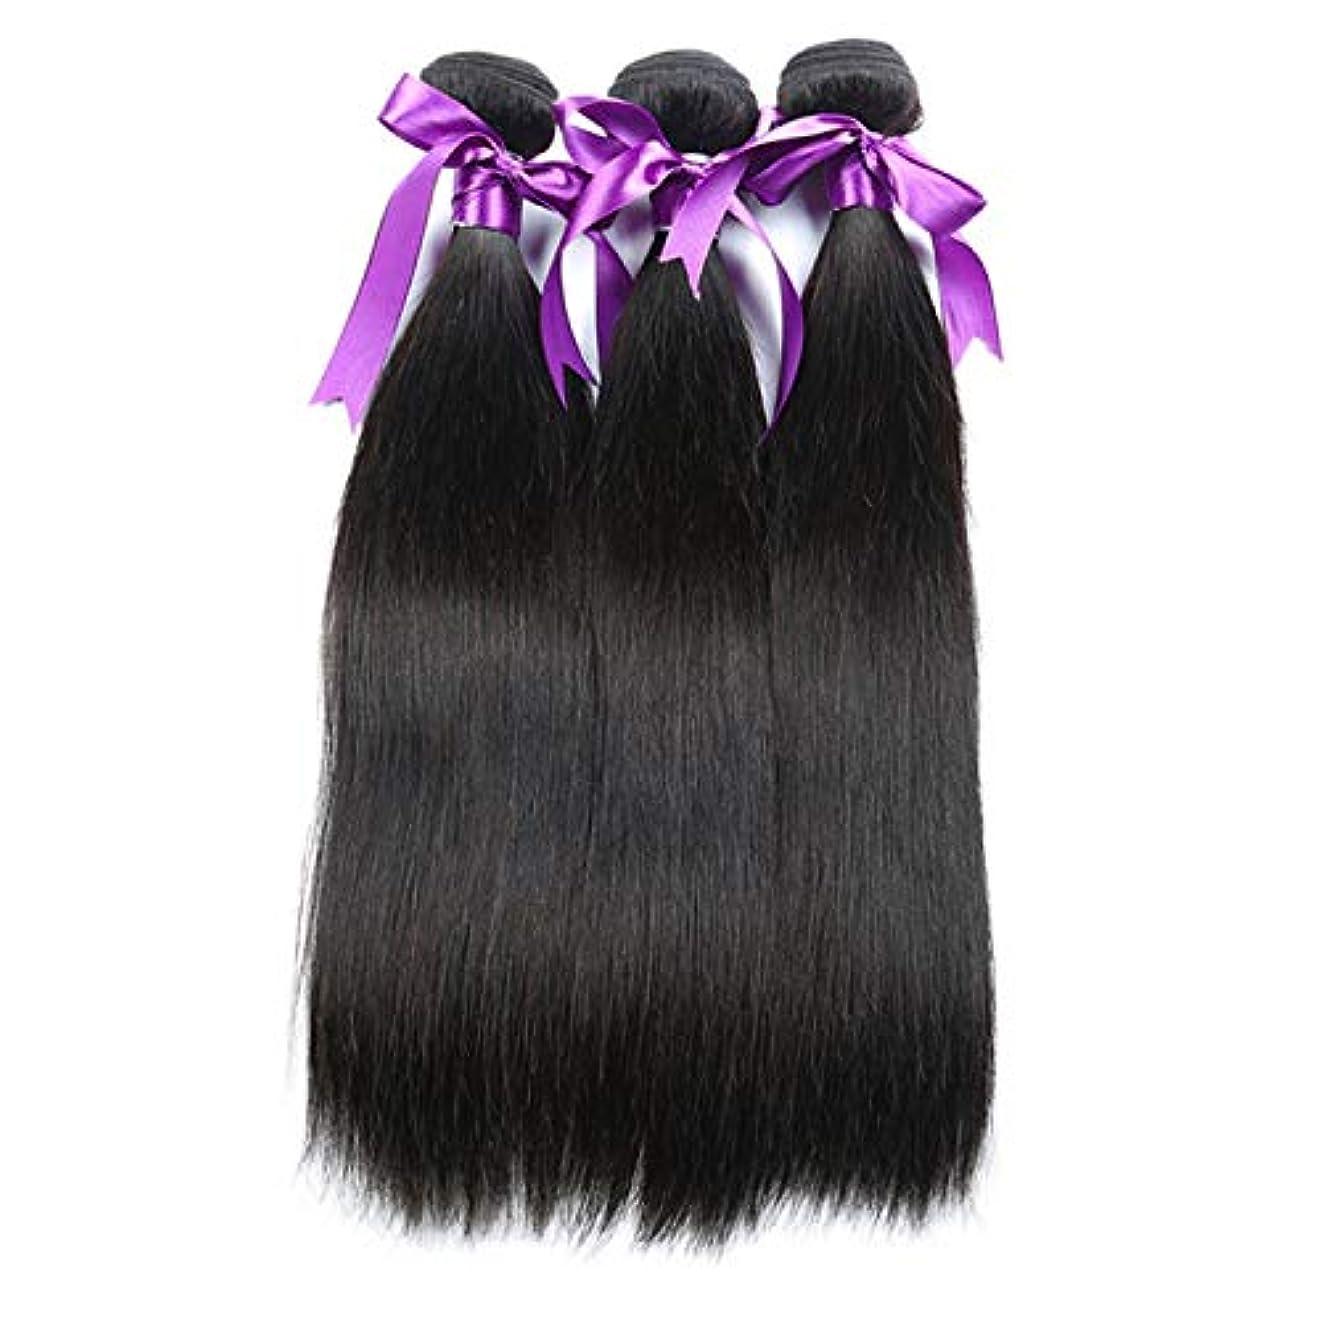 やりすぎミュウミュウ卵ペルーのストレートヘア織り3バンドル/ロット100%人のRemyの髪横糸8-28インチボディヘアエクステンション かつら (Stretched Length : 20 22 24)